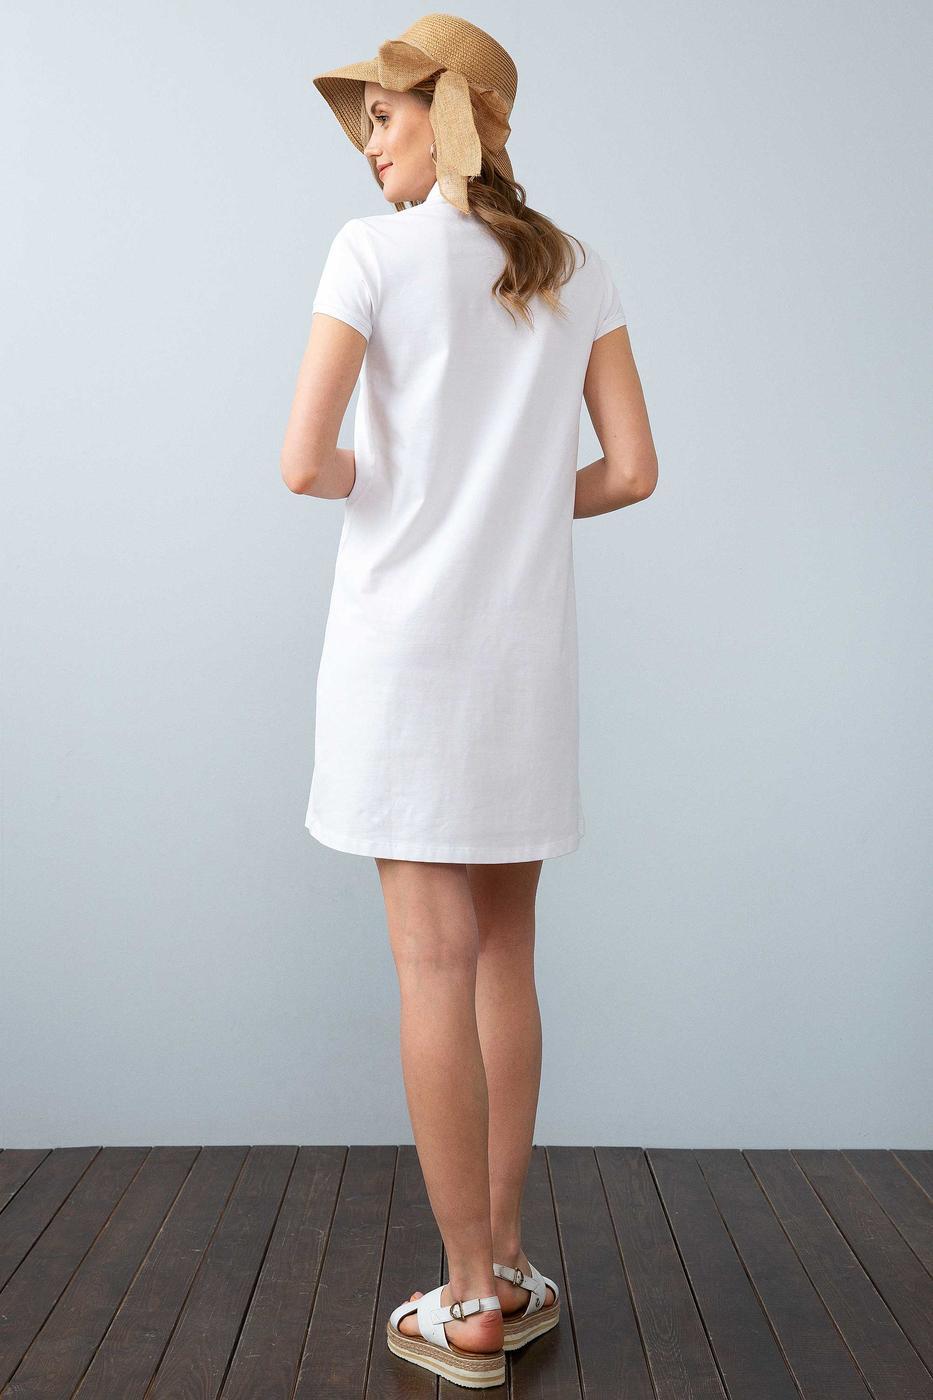 Kadın Örme Elbise